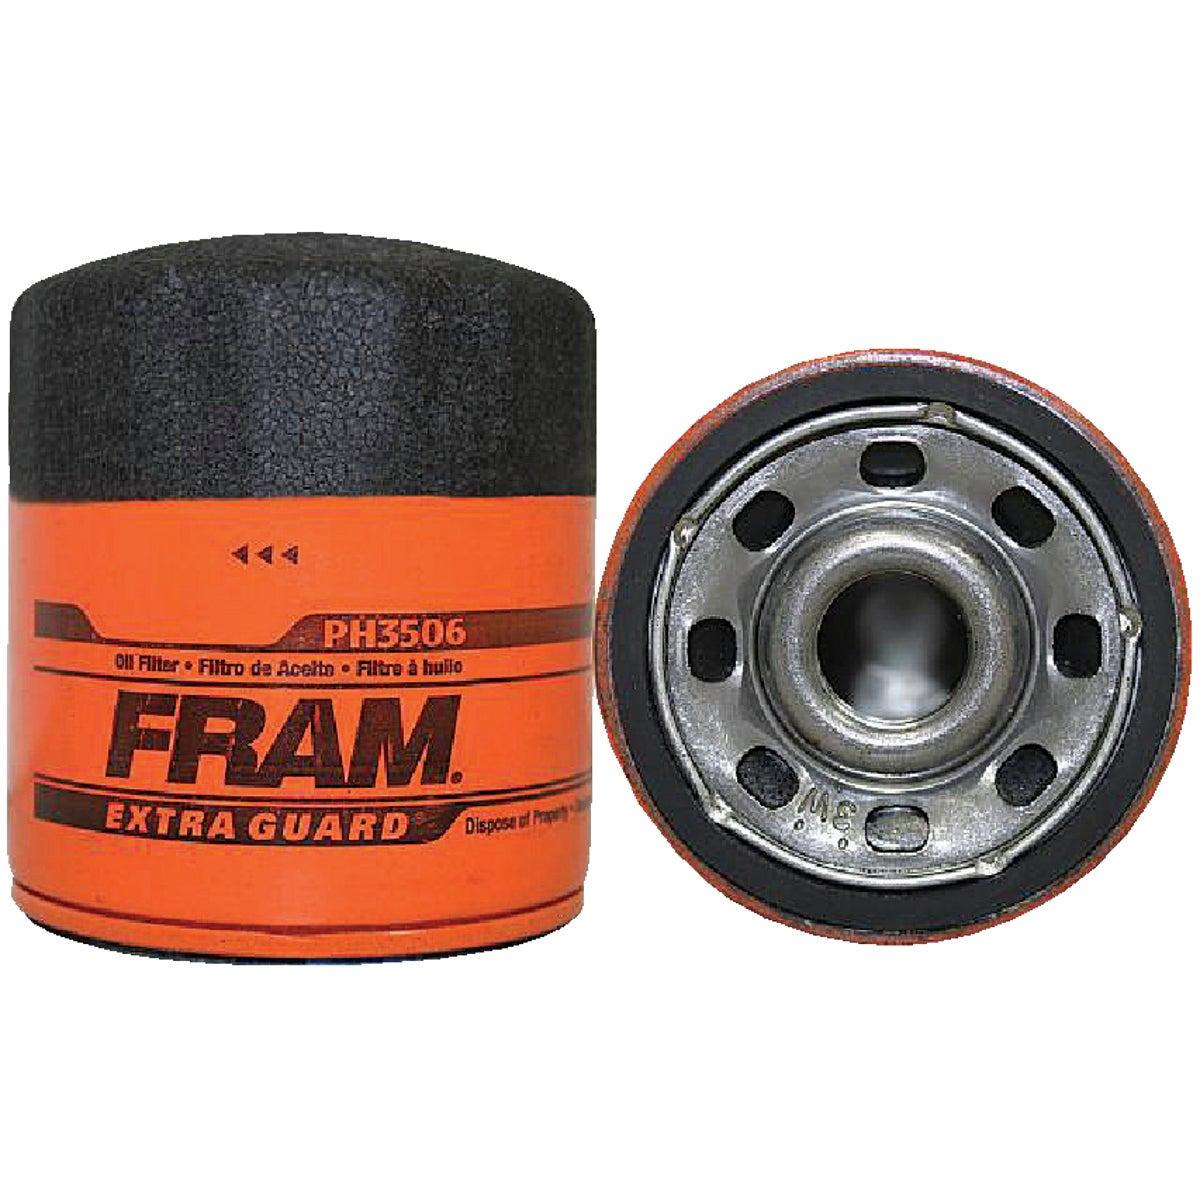 Fram All-Purp Oil Filter